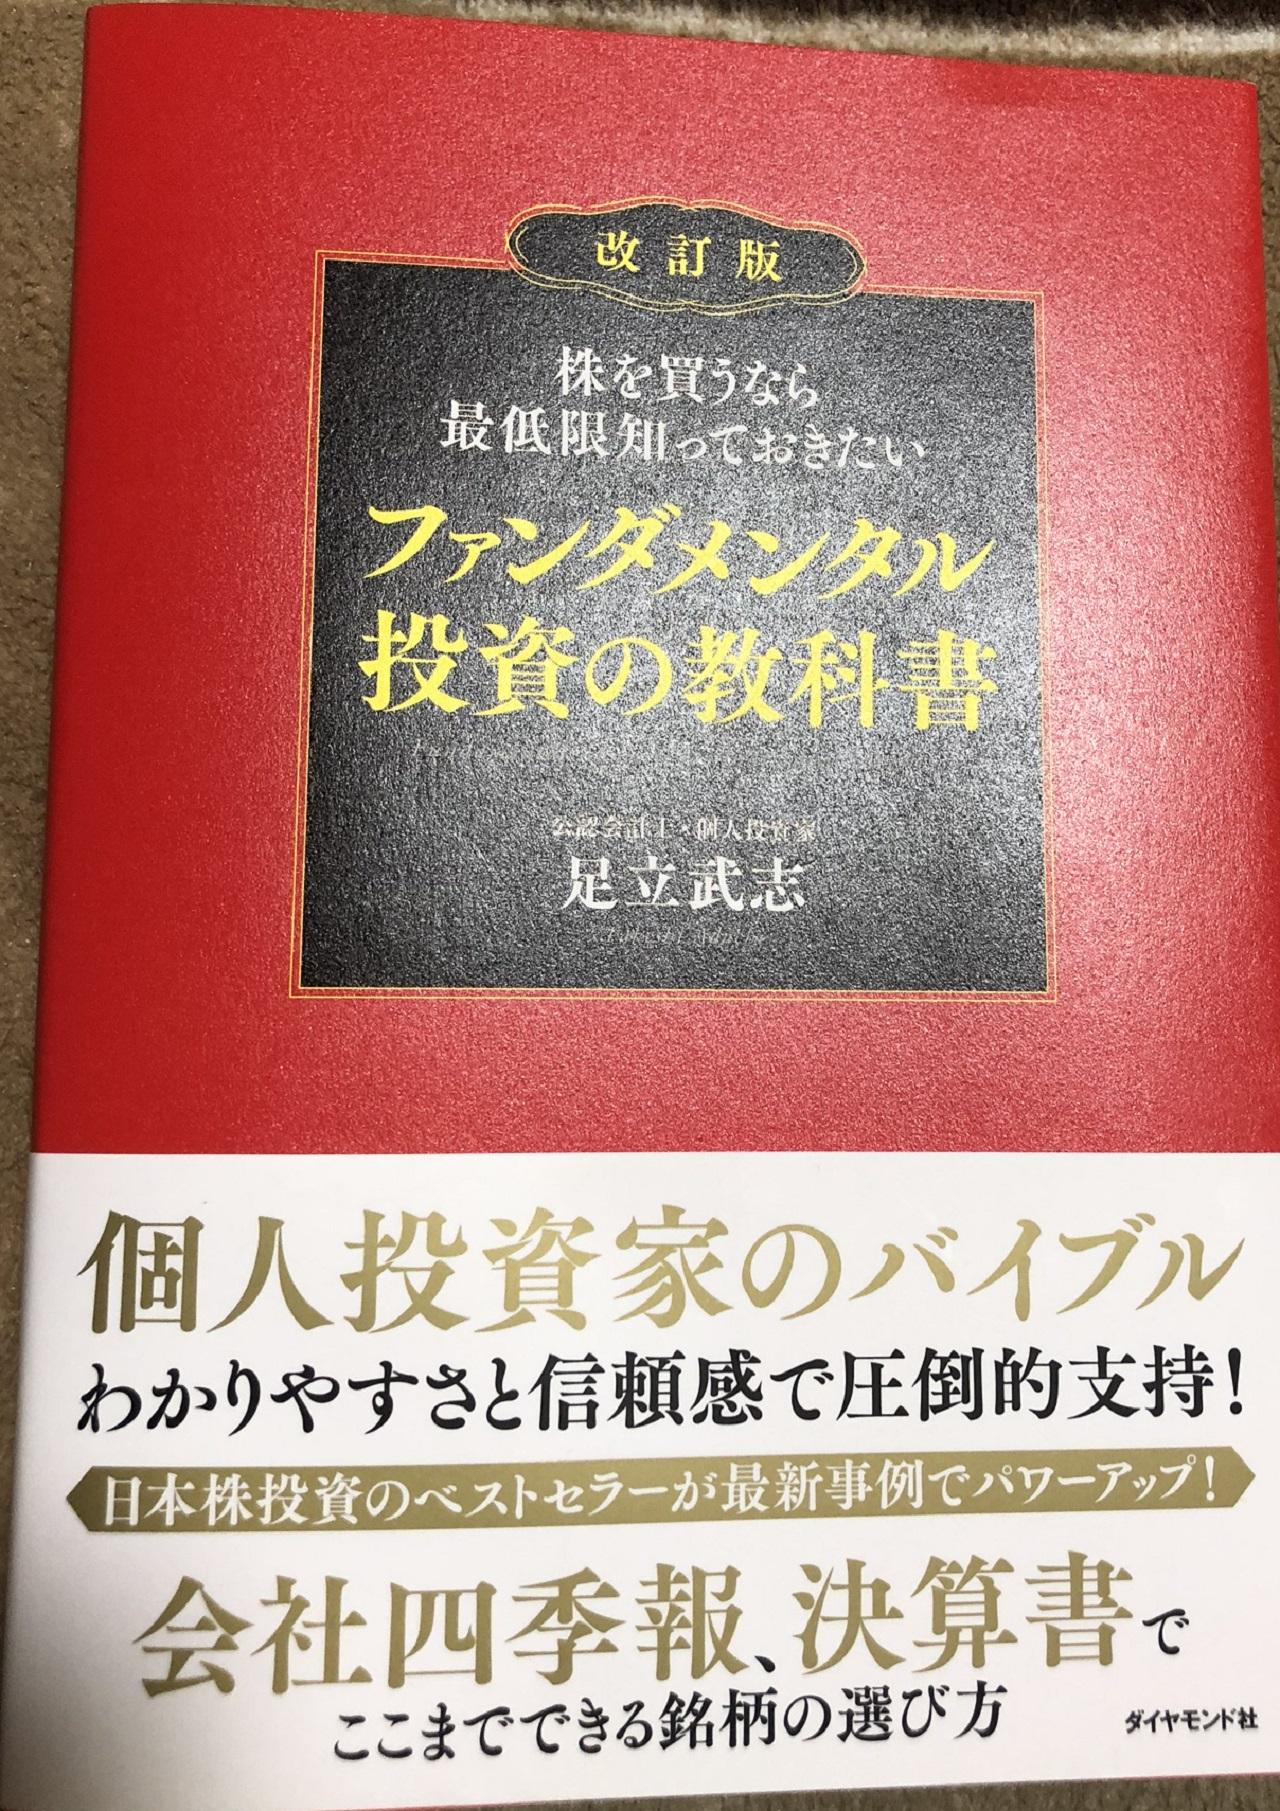 ファンダメンタル投資の教科書 レビュー